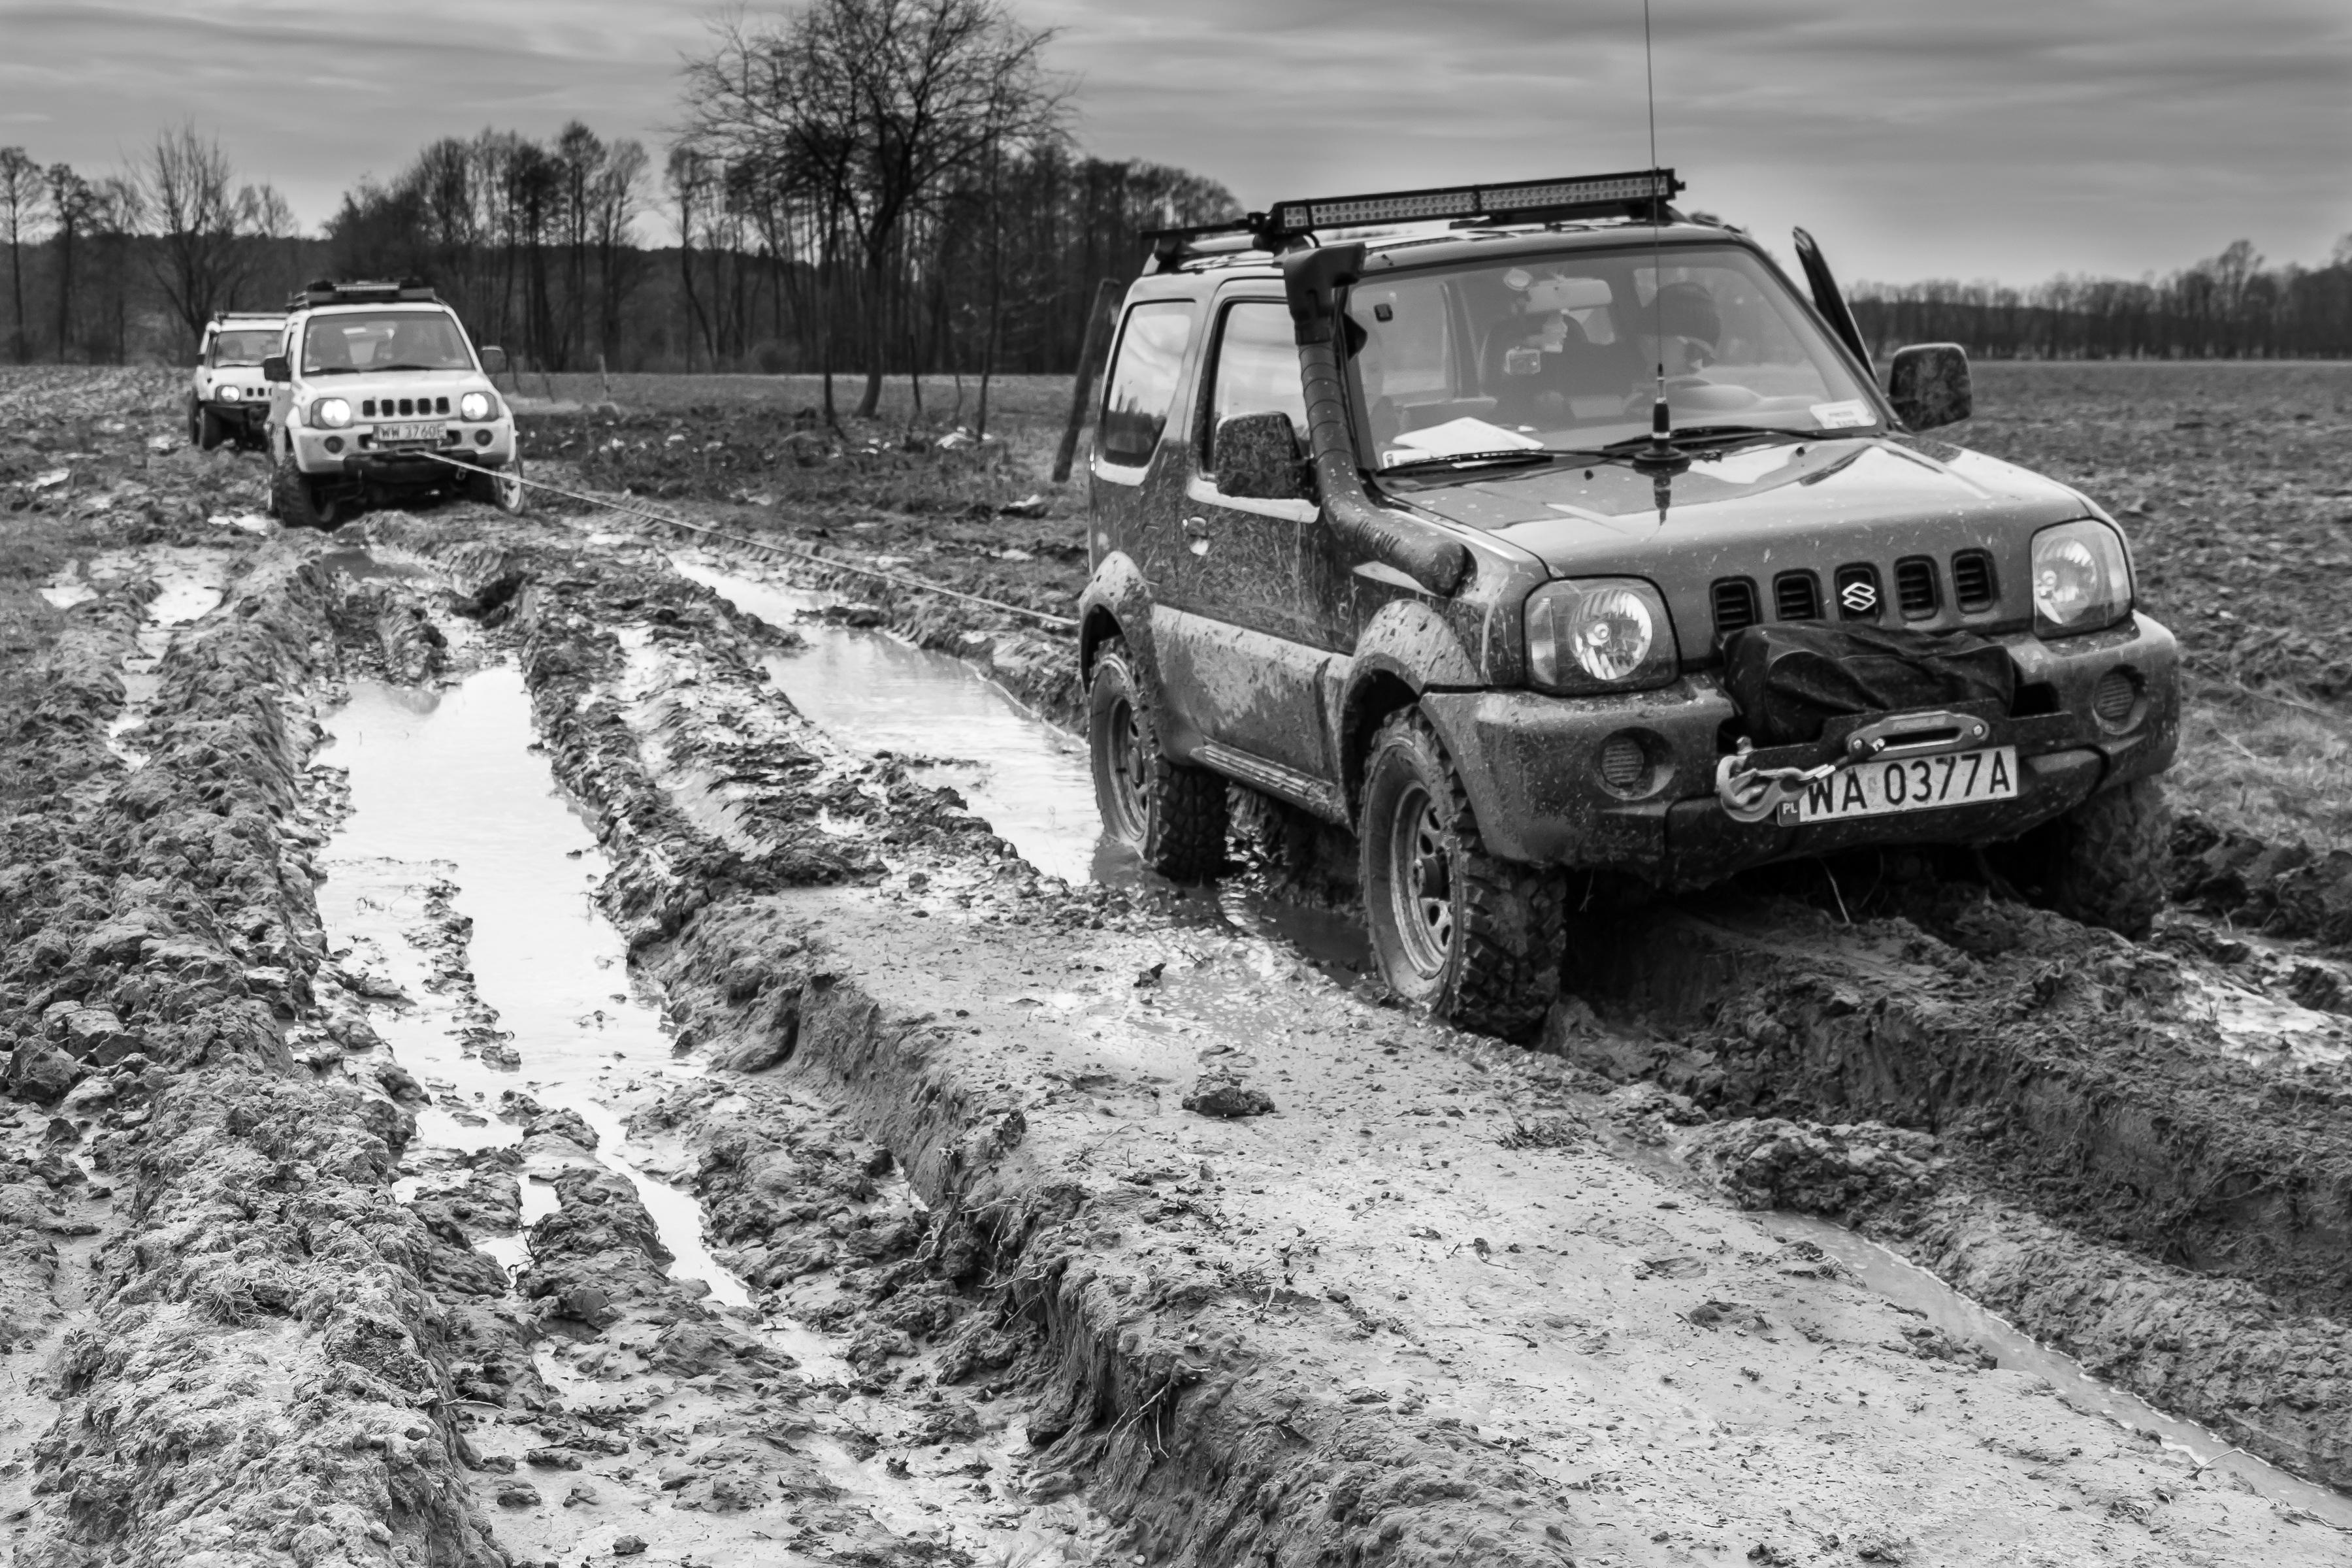 Kostenlose Foto Draussen Schwarz Und Weiss Auto Rad Abenteuer Jeep Fahrzeug Schmutz Schlamm Einfarbig Extrem Terrain Reifen